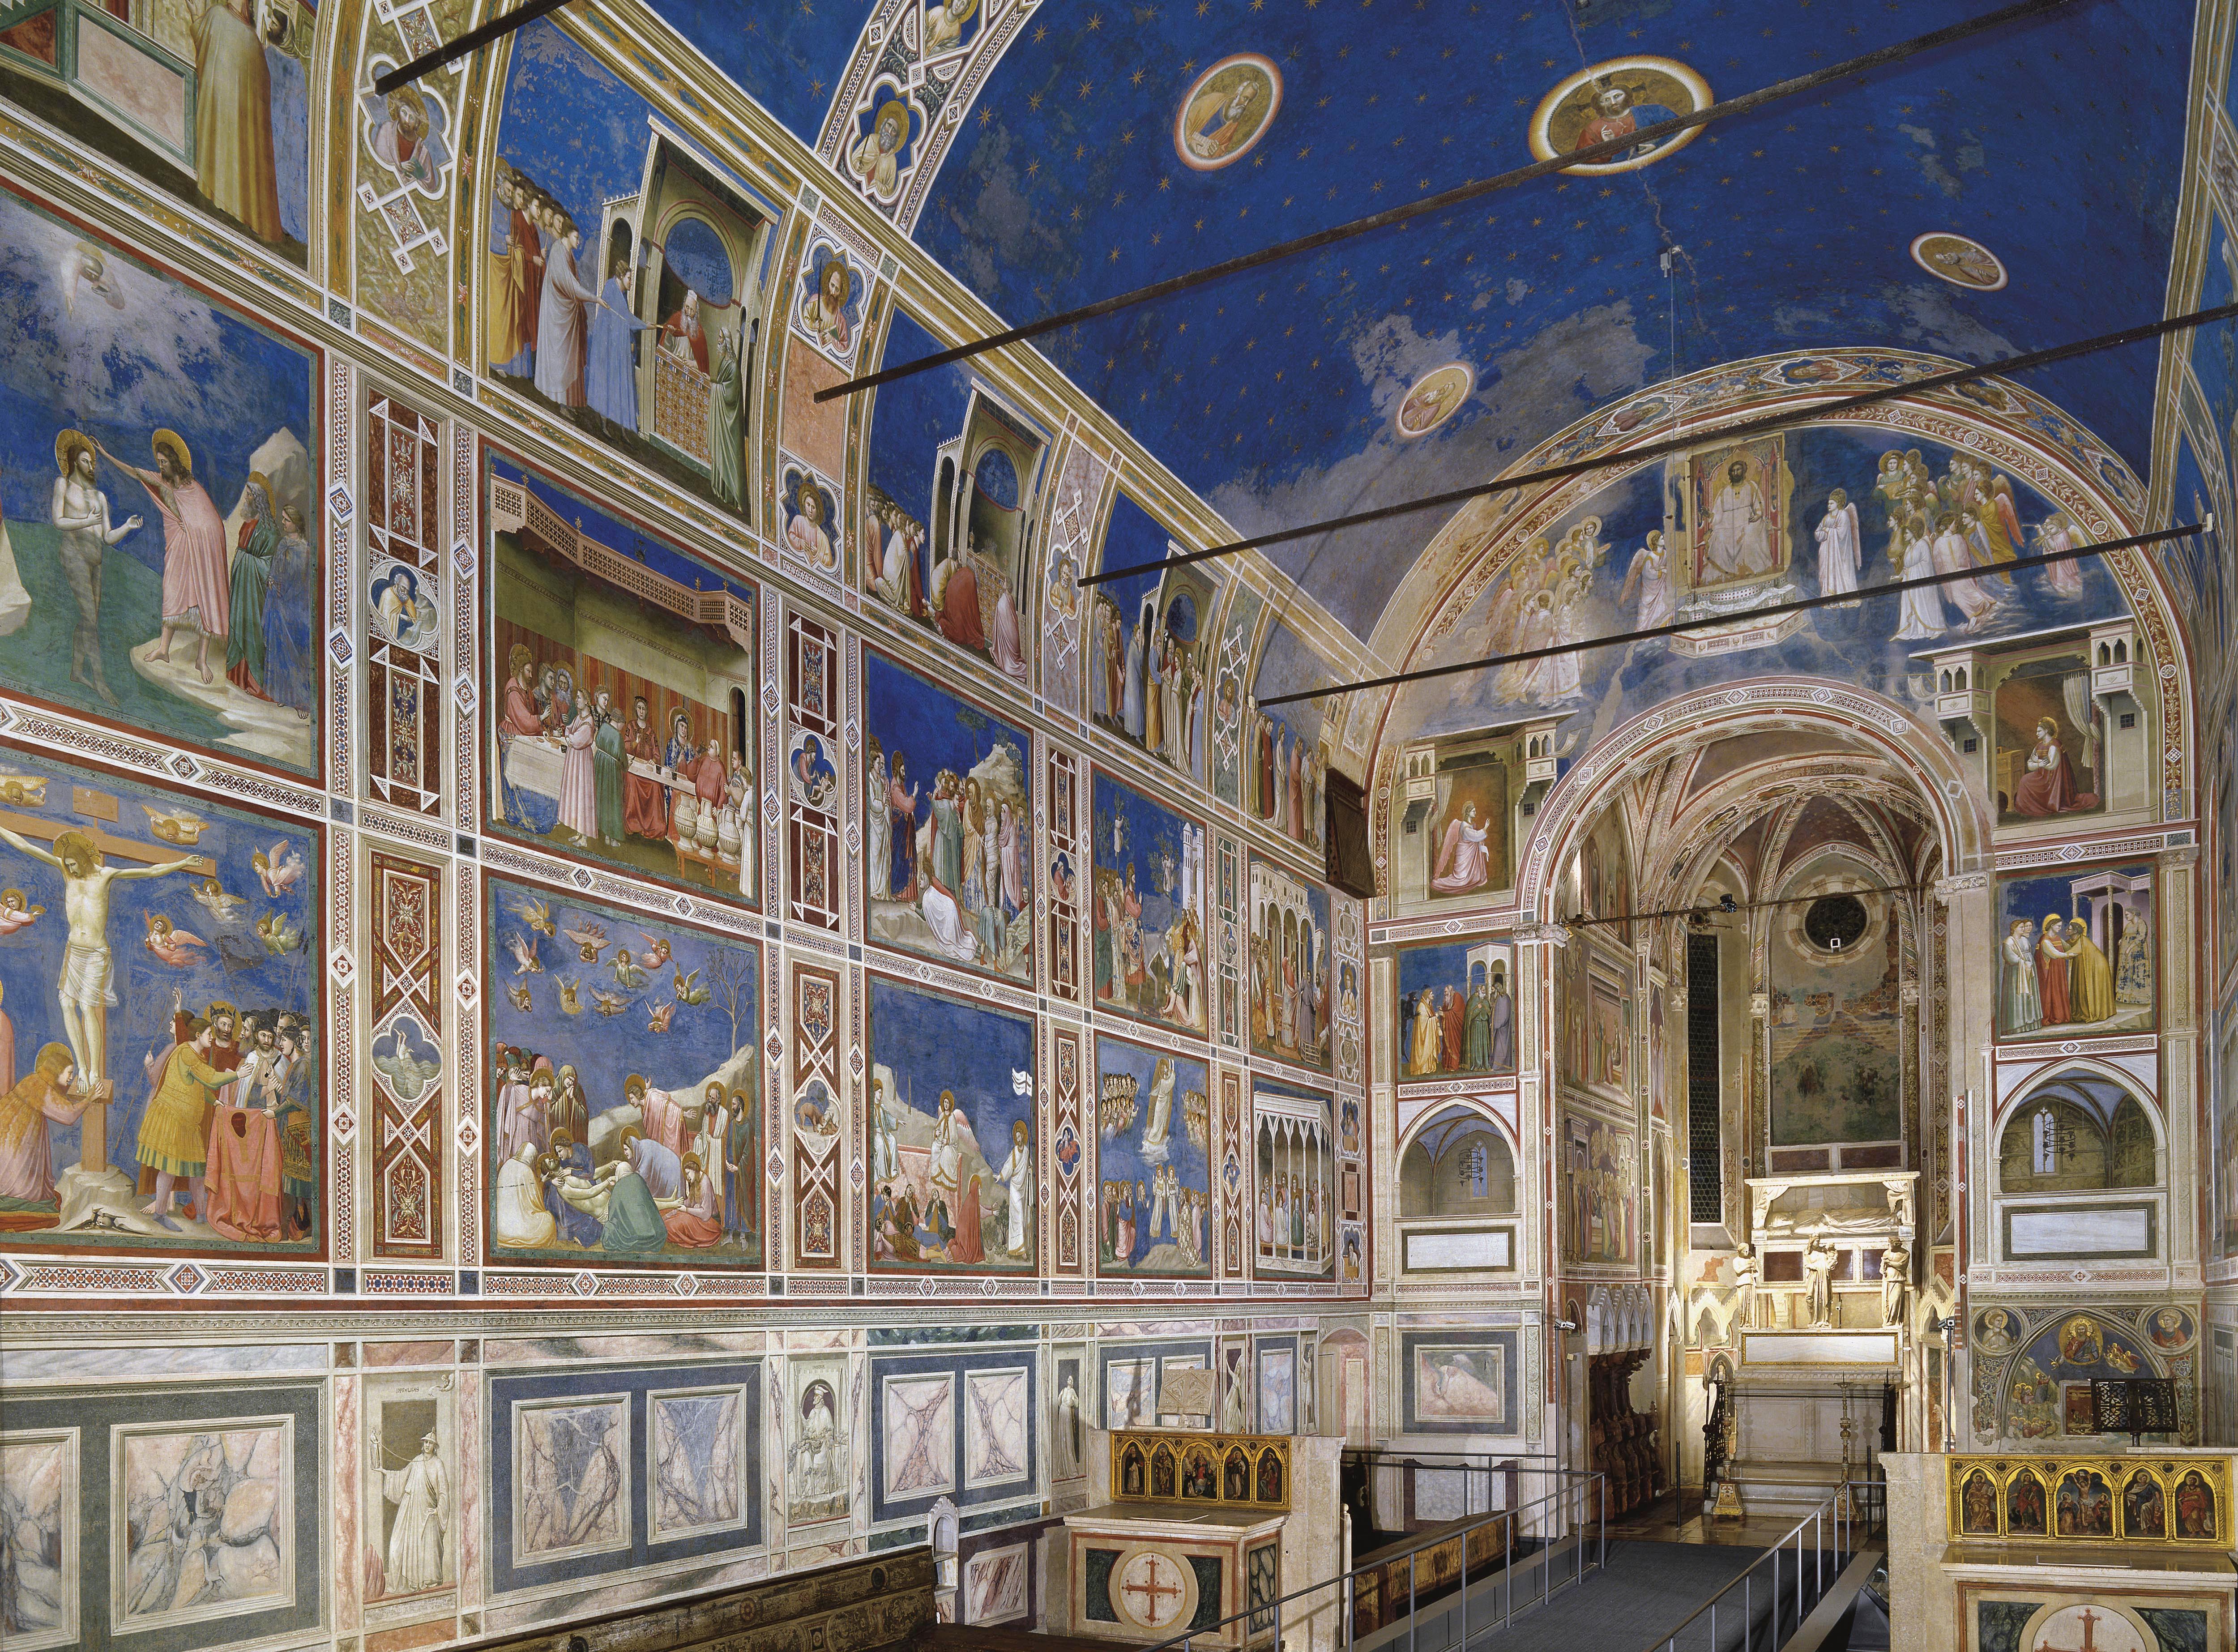 Ao longo das três paredes, Giotto trabalha 38 quadros divididos em três faixas horizontais.